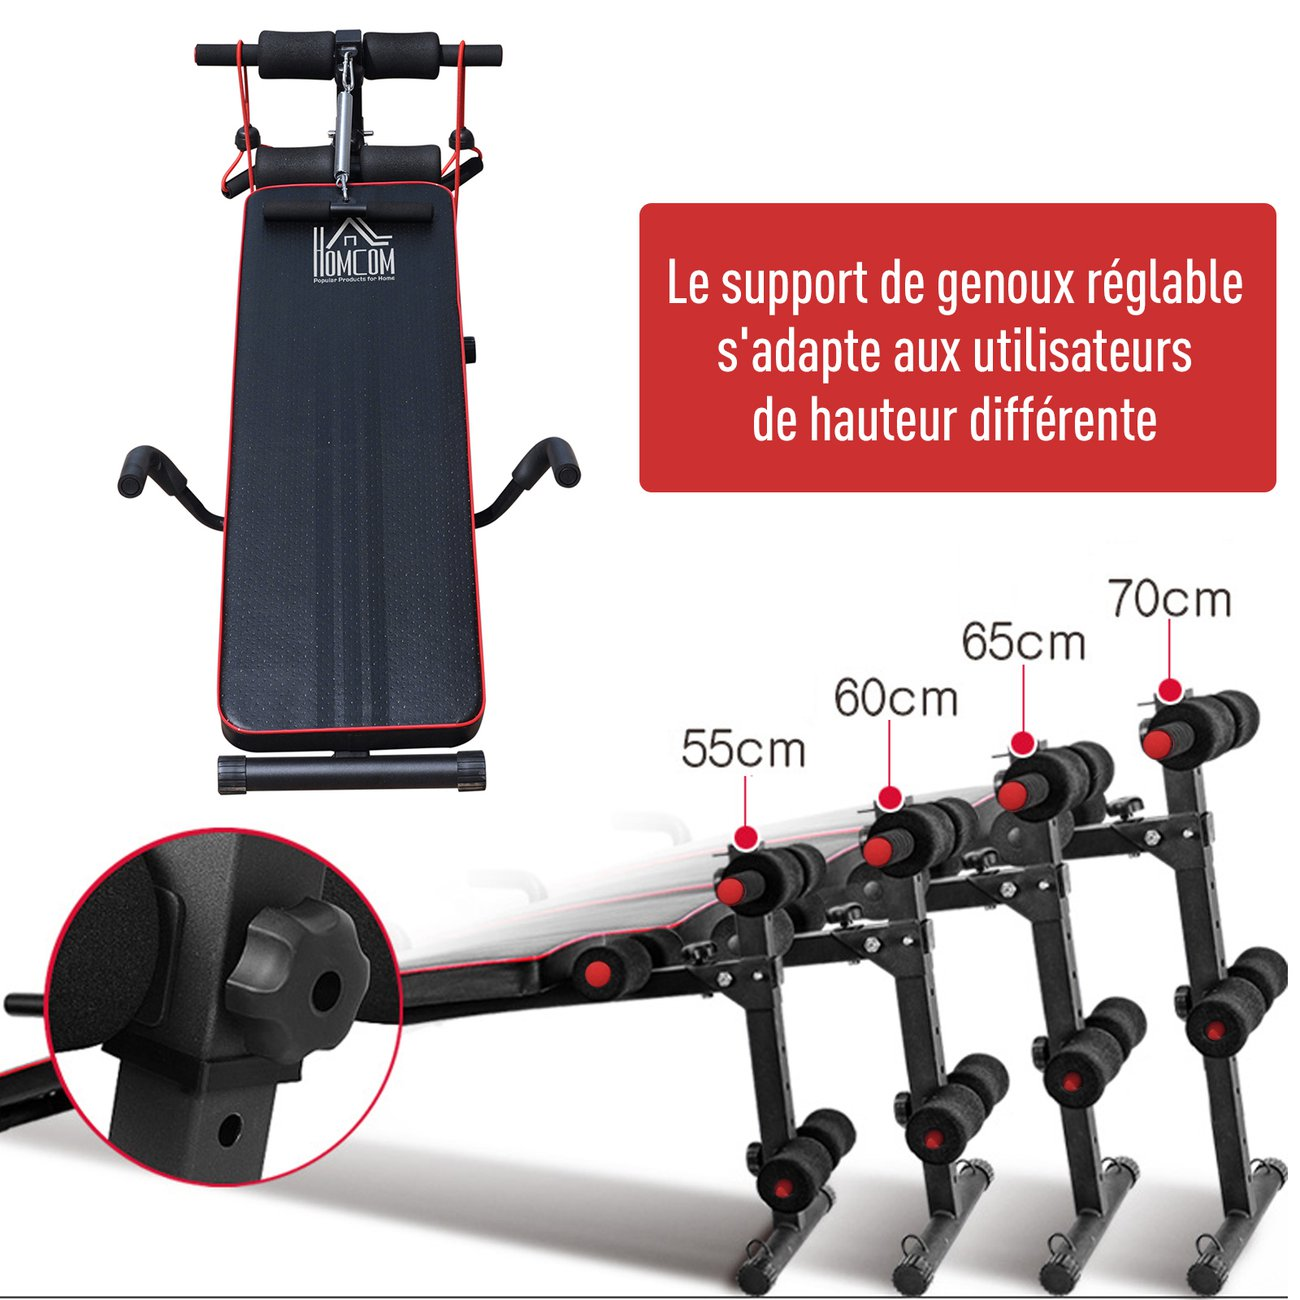 banc de musculation appareil a abdo hauteur reglable 135l x 57l x 50 68h cm 2 bandes de resistances ressort central traction acier noir rouge 5 v2